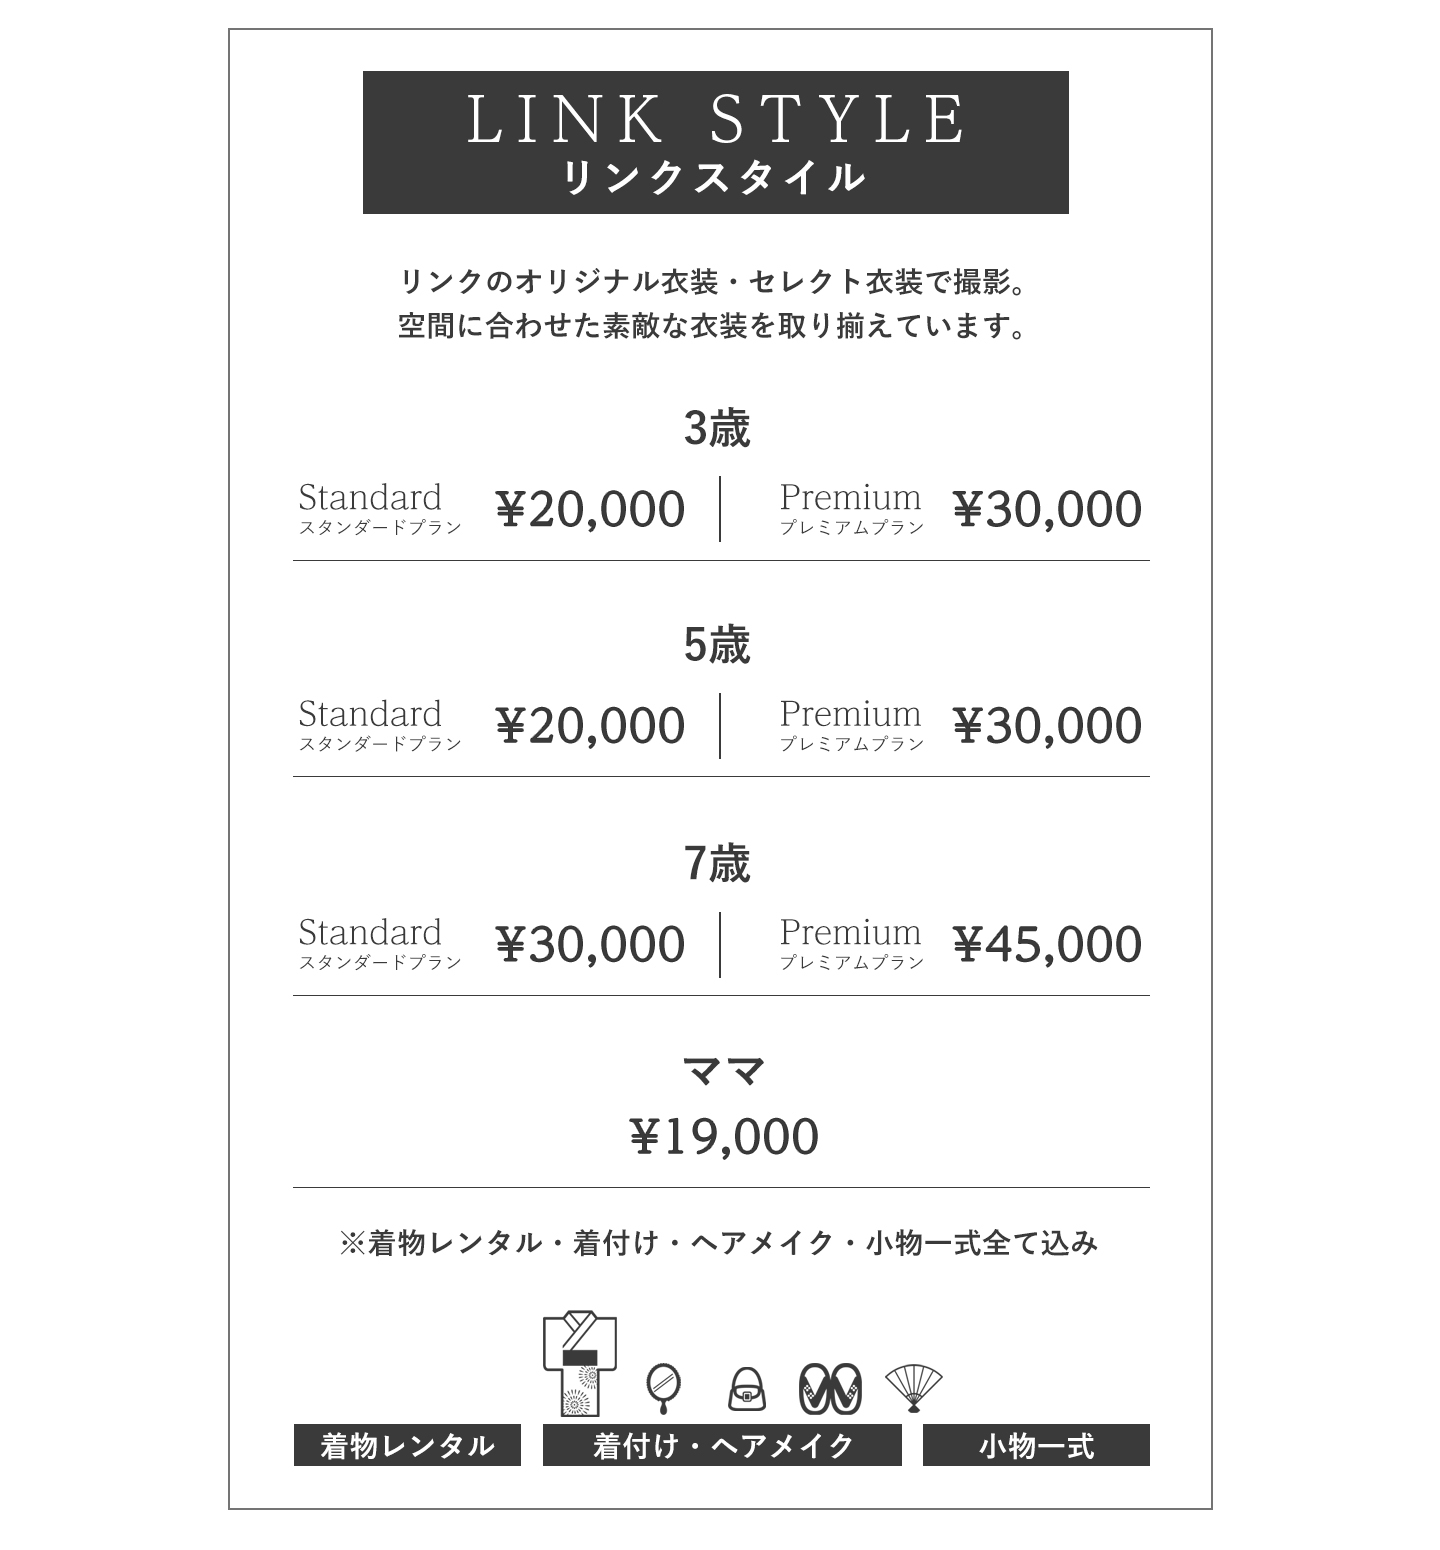 リンクスタイル価格